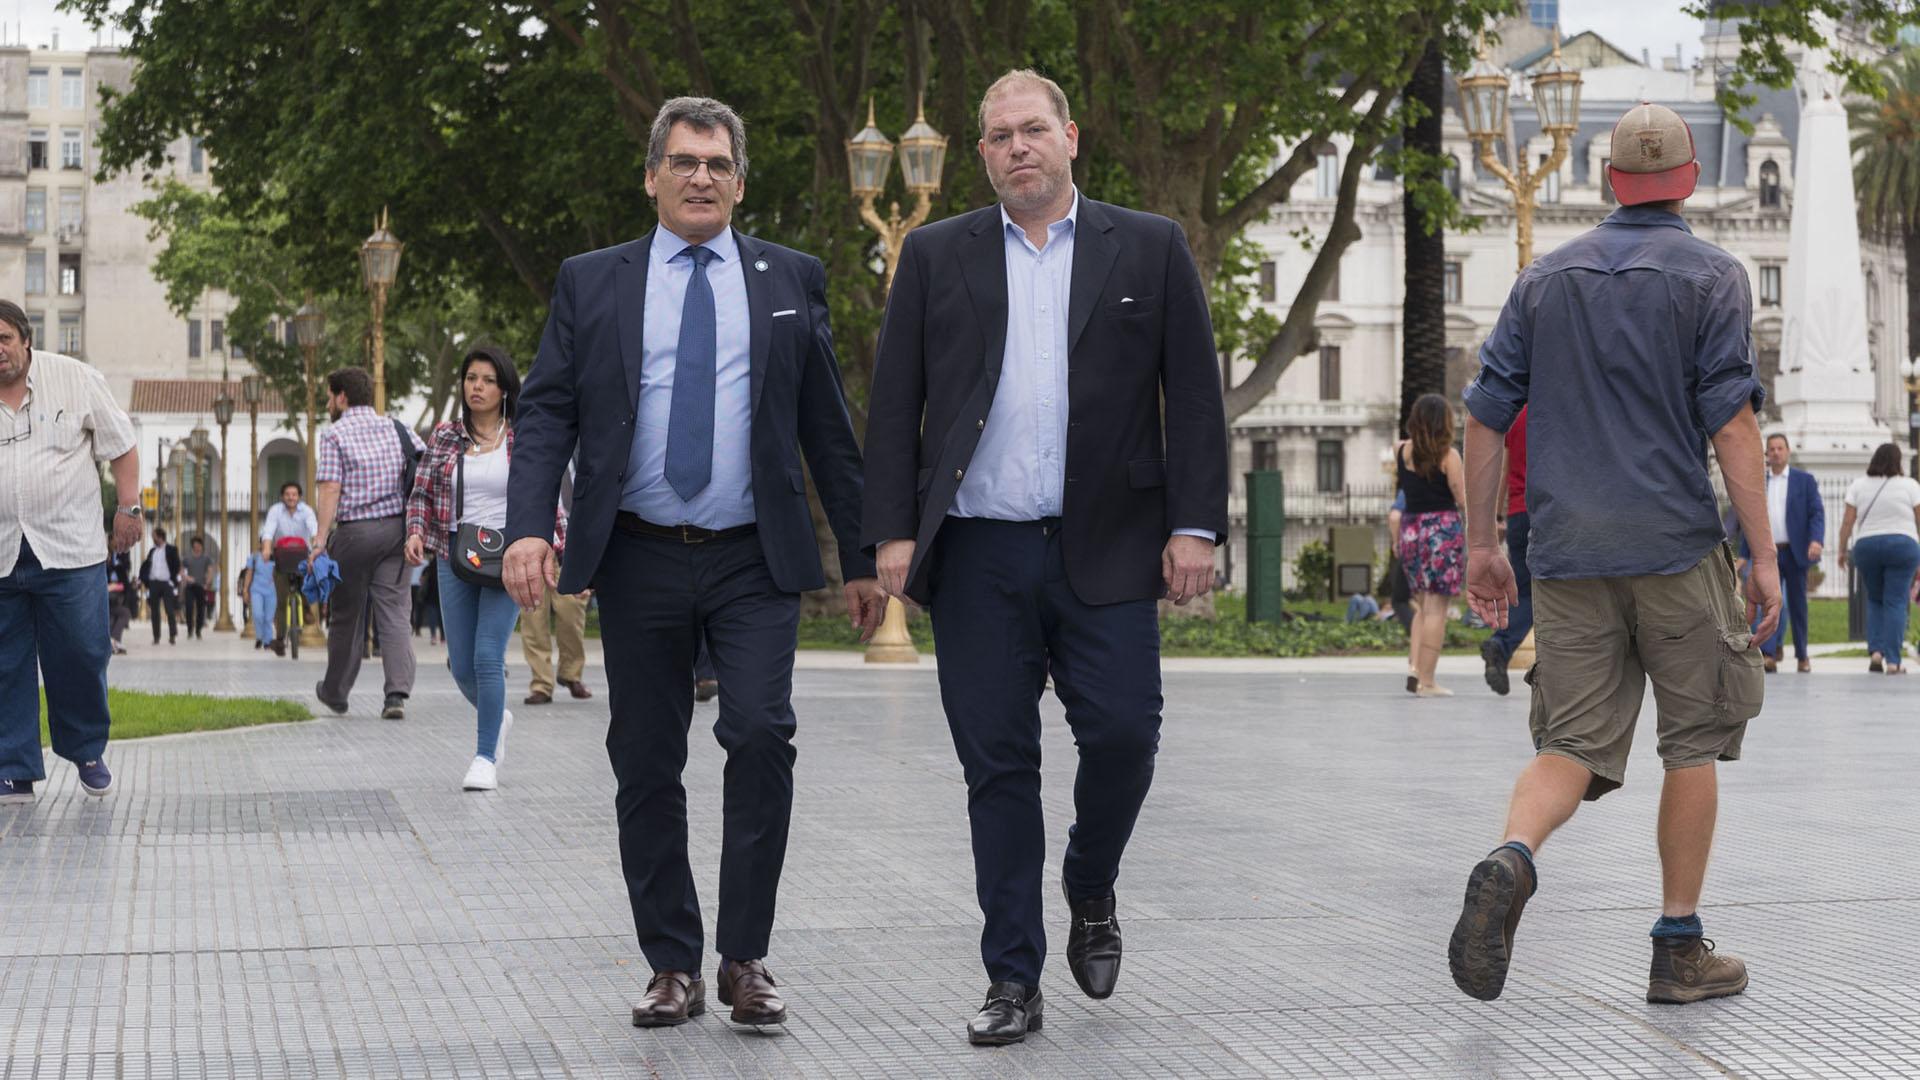 El Secretario de Derechos Humanos, Caludio Avruj, junto a Hernán Anbinder, director de prensa de la Secretaría de Derechos Humanos